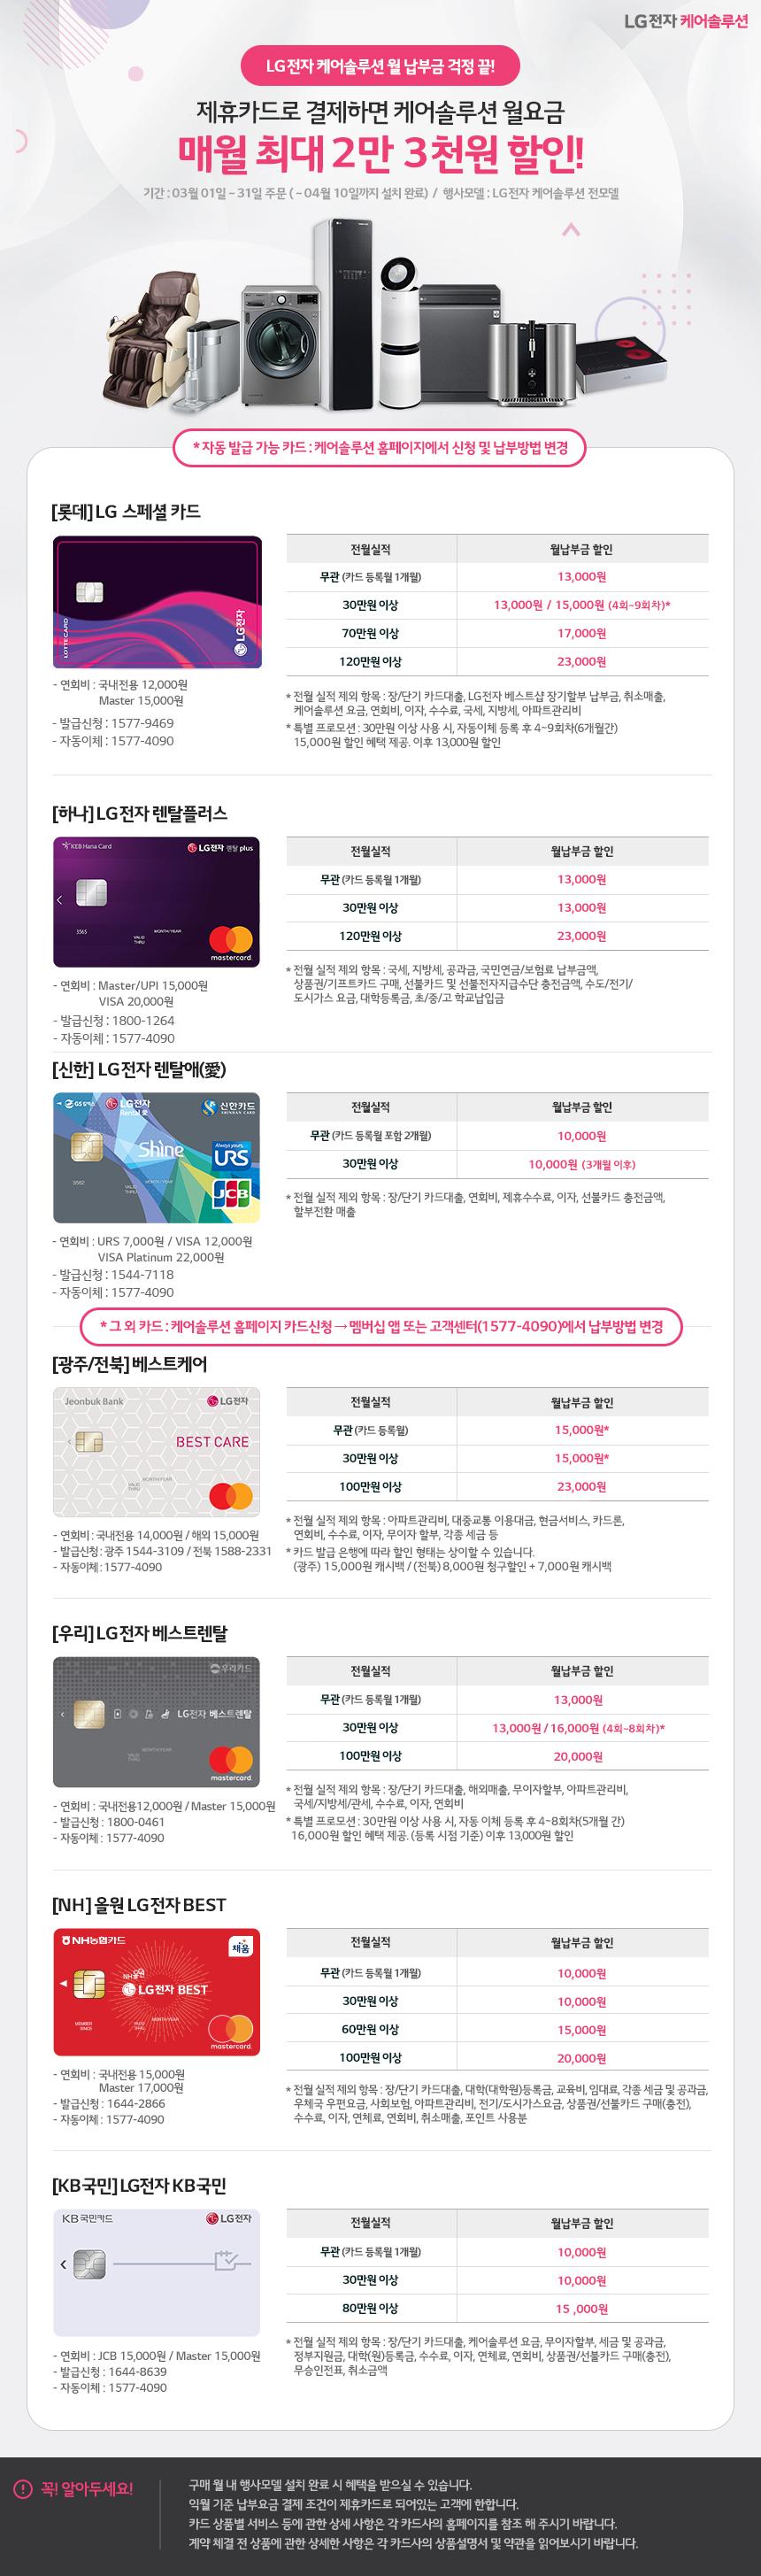 제휴카드_3월수정.png